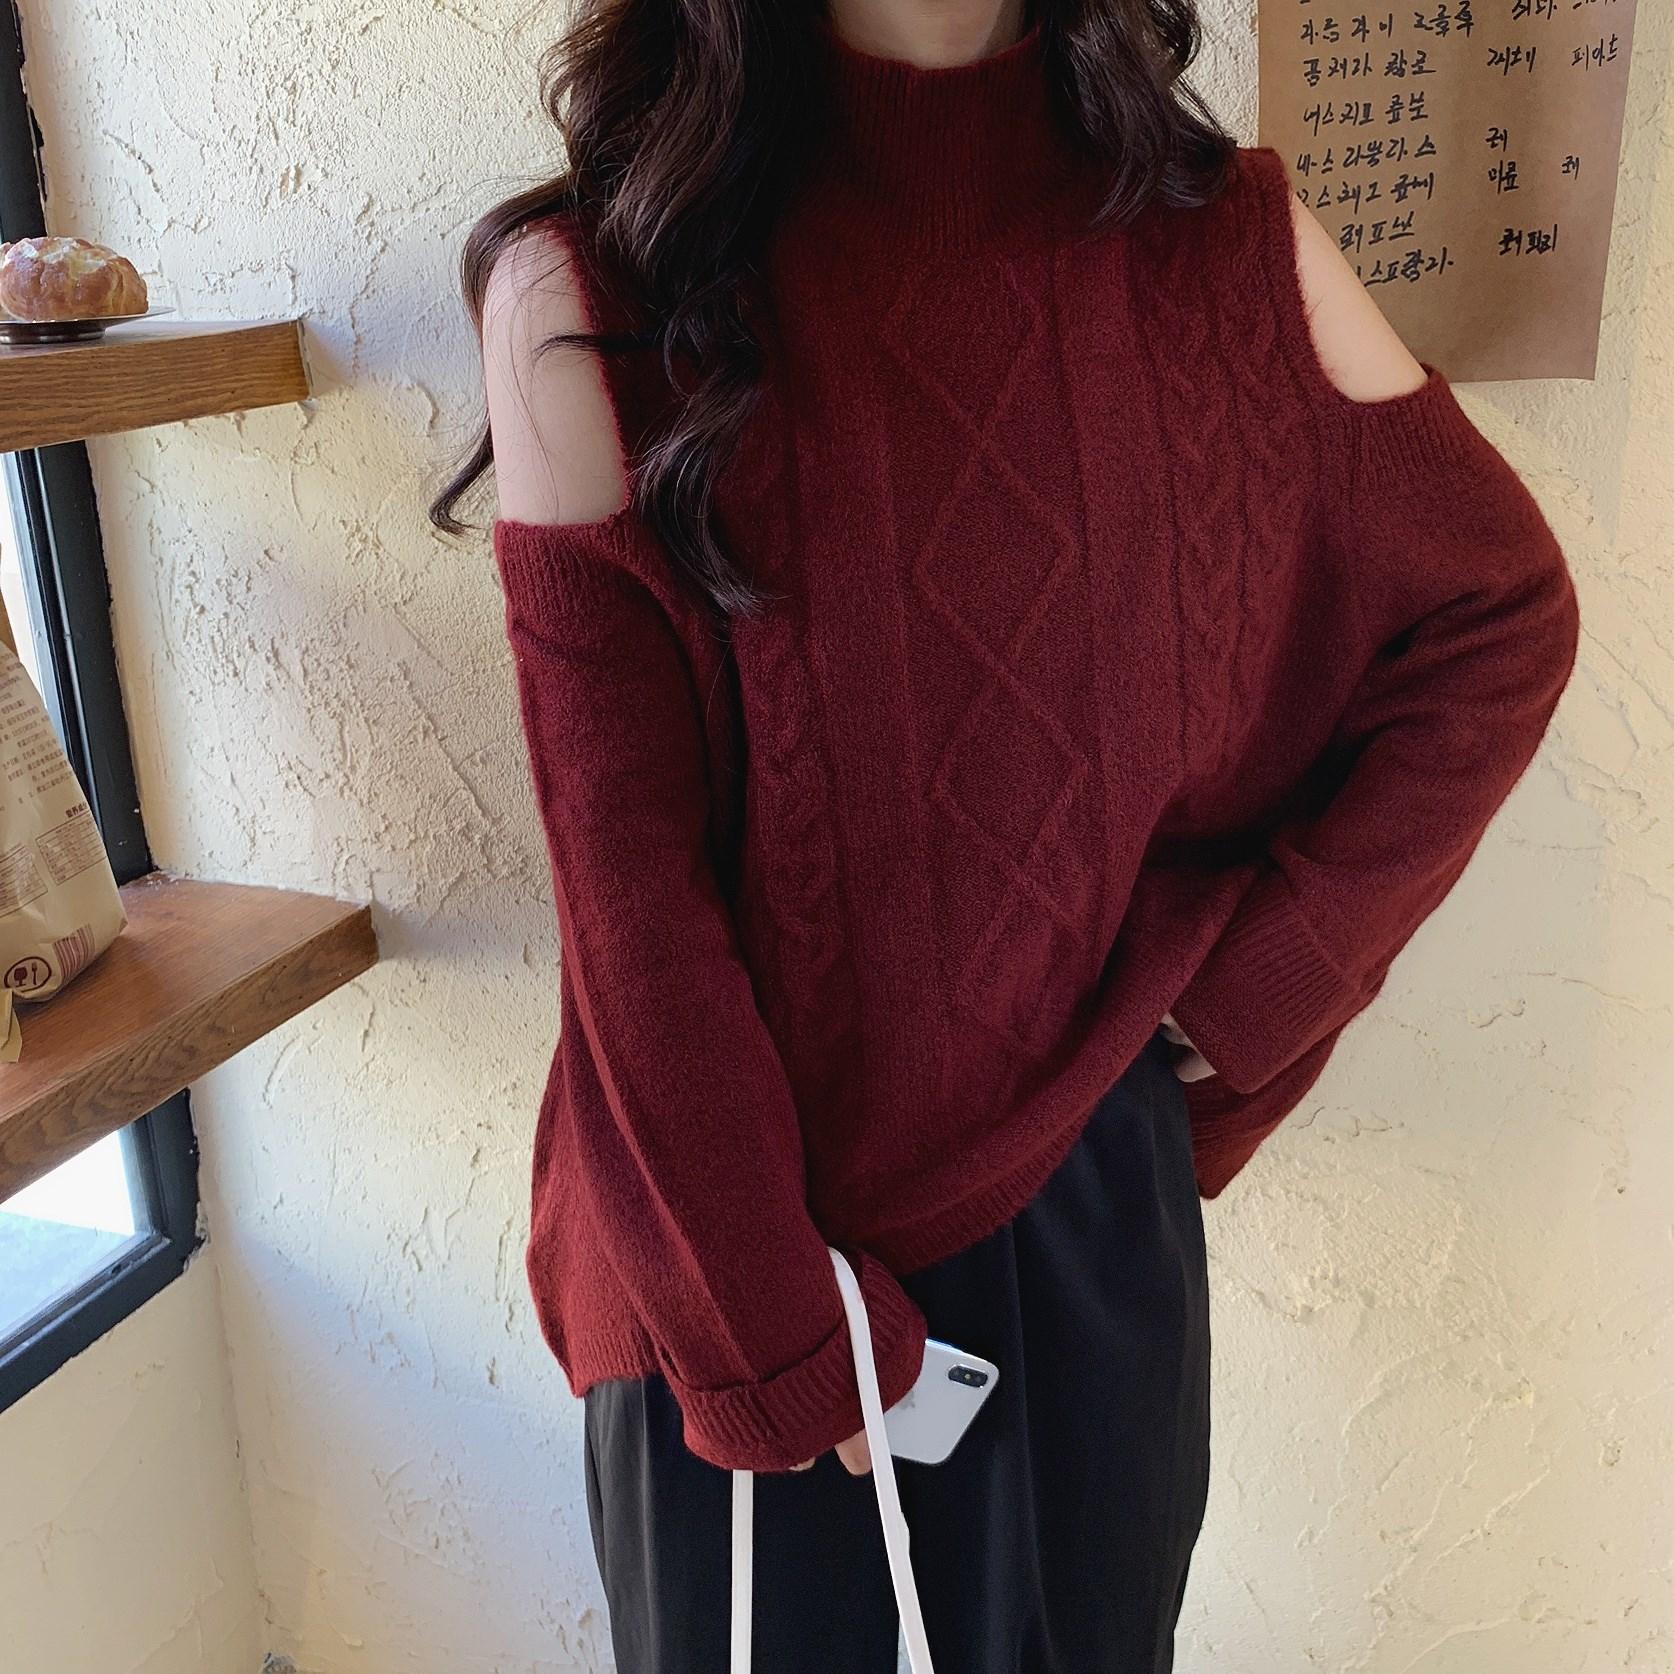 实拍 韩国 漏肩百搭长袖套头网红针织衫宽松显瘦毛衣